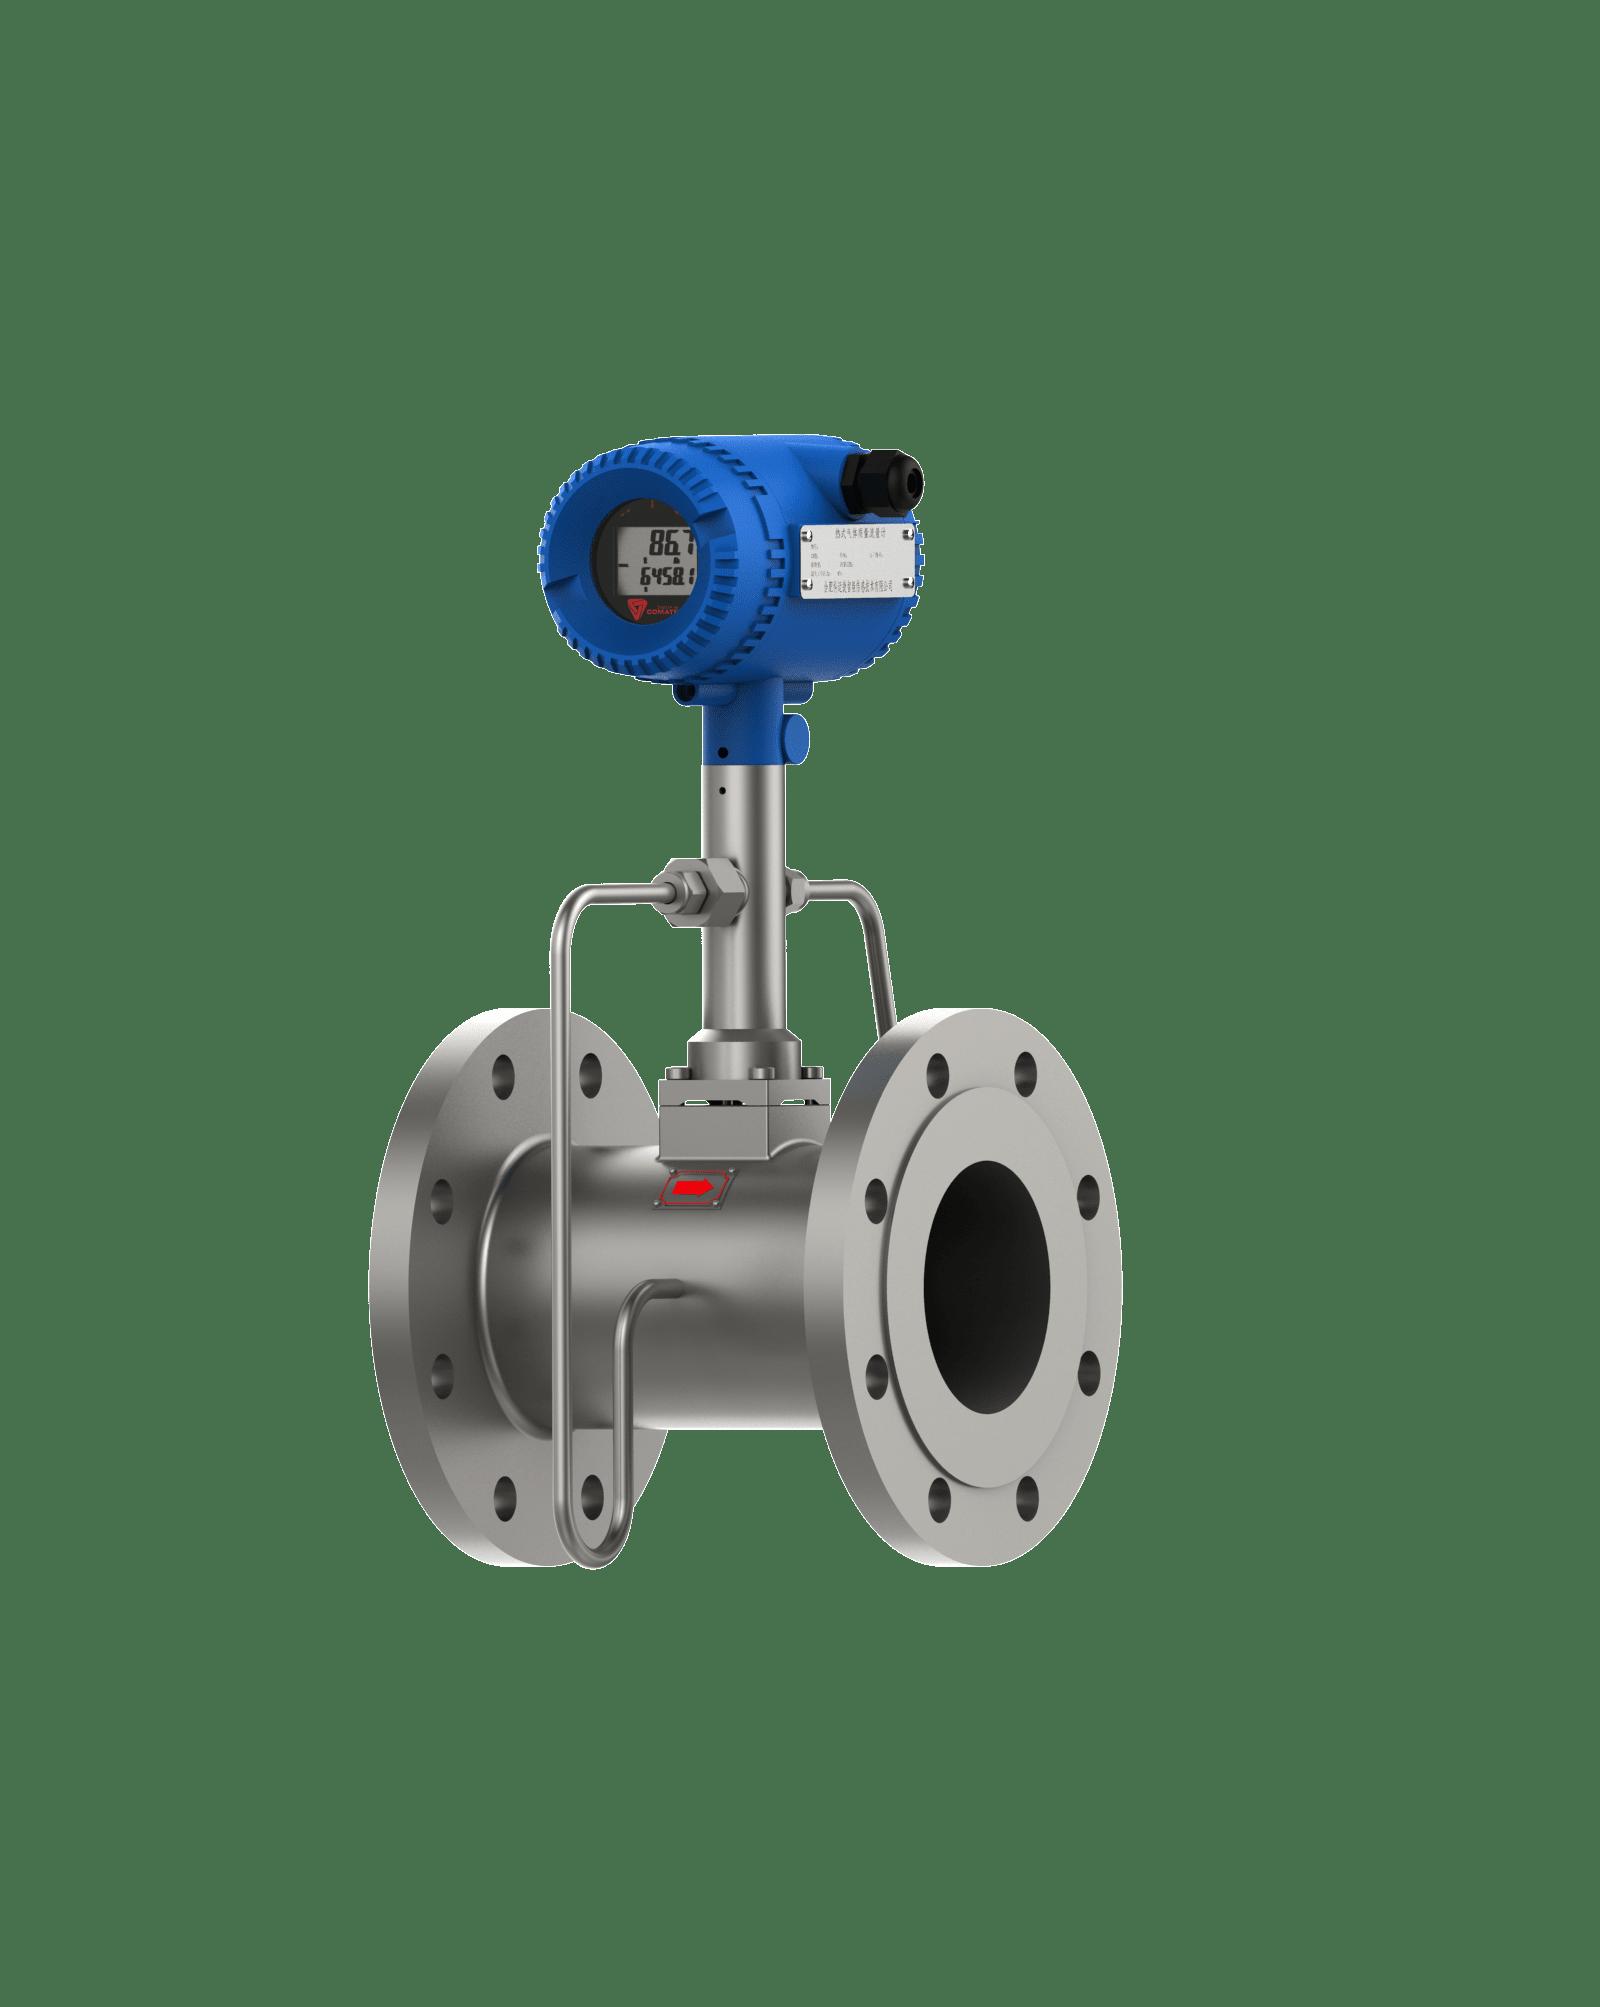 vortex gas flow meter